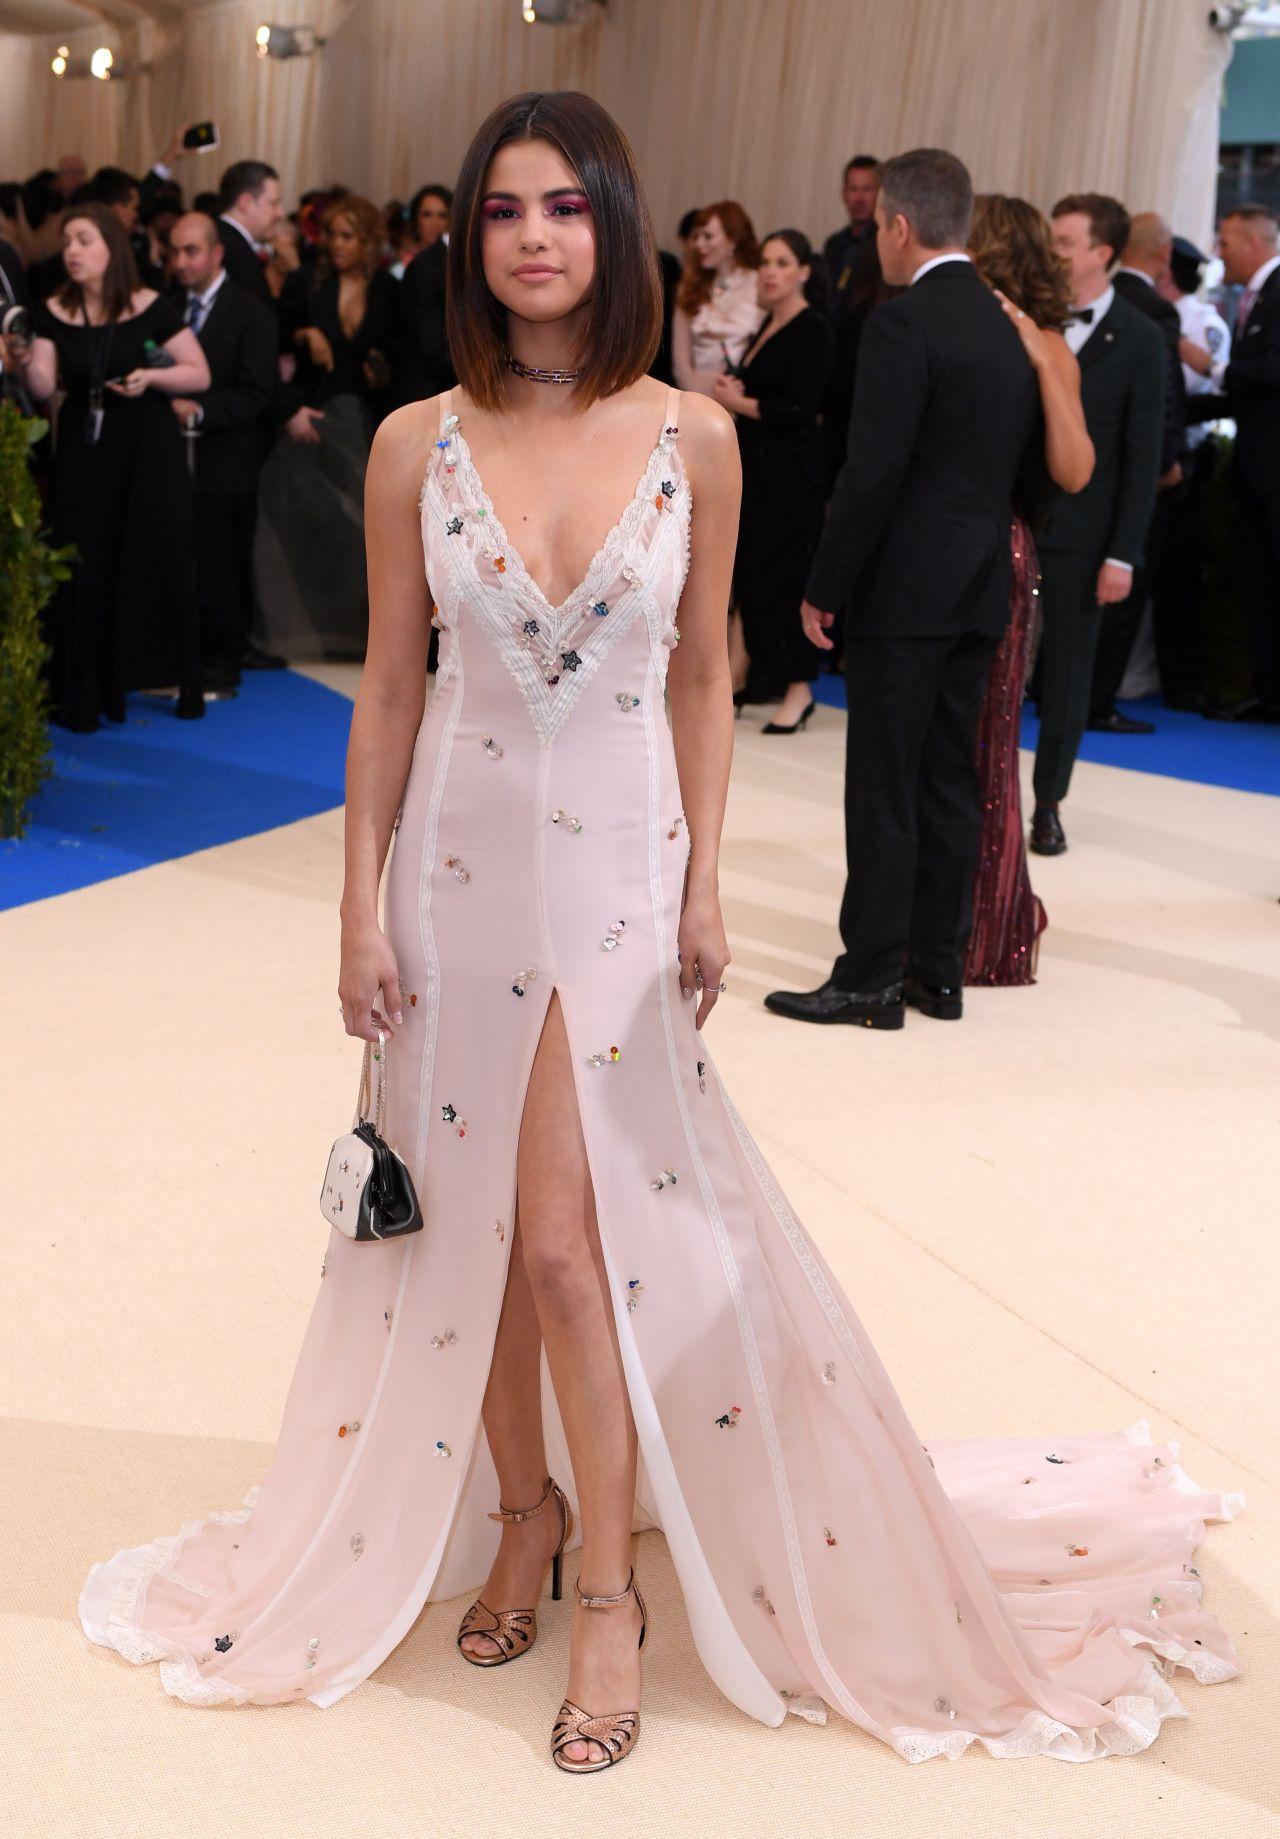 Selena Gomez Met Gala At The Metropolitan Museum Of Art